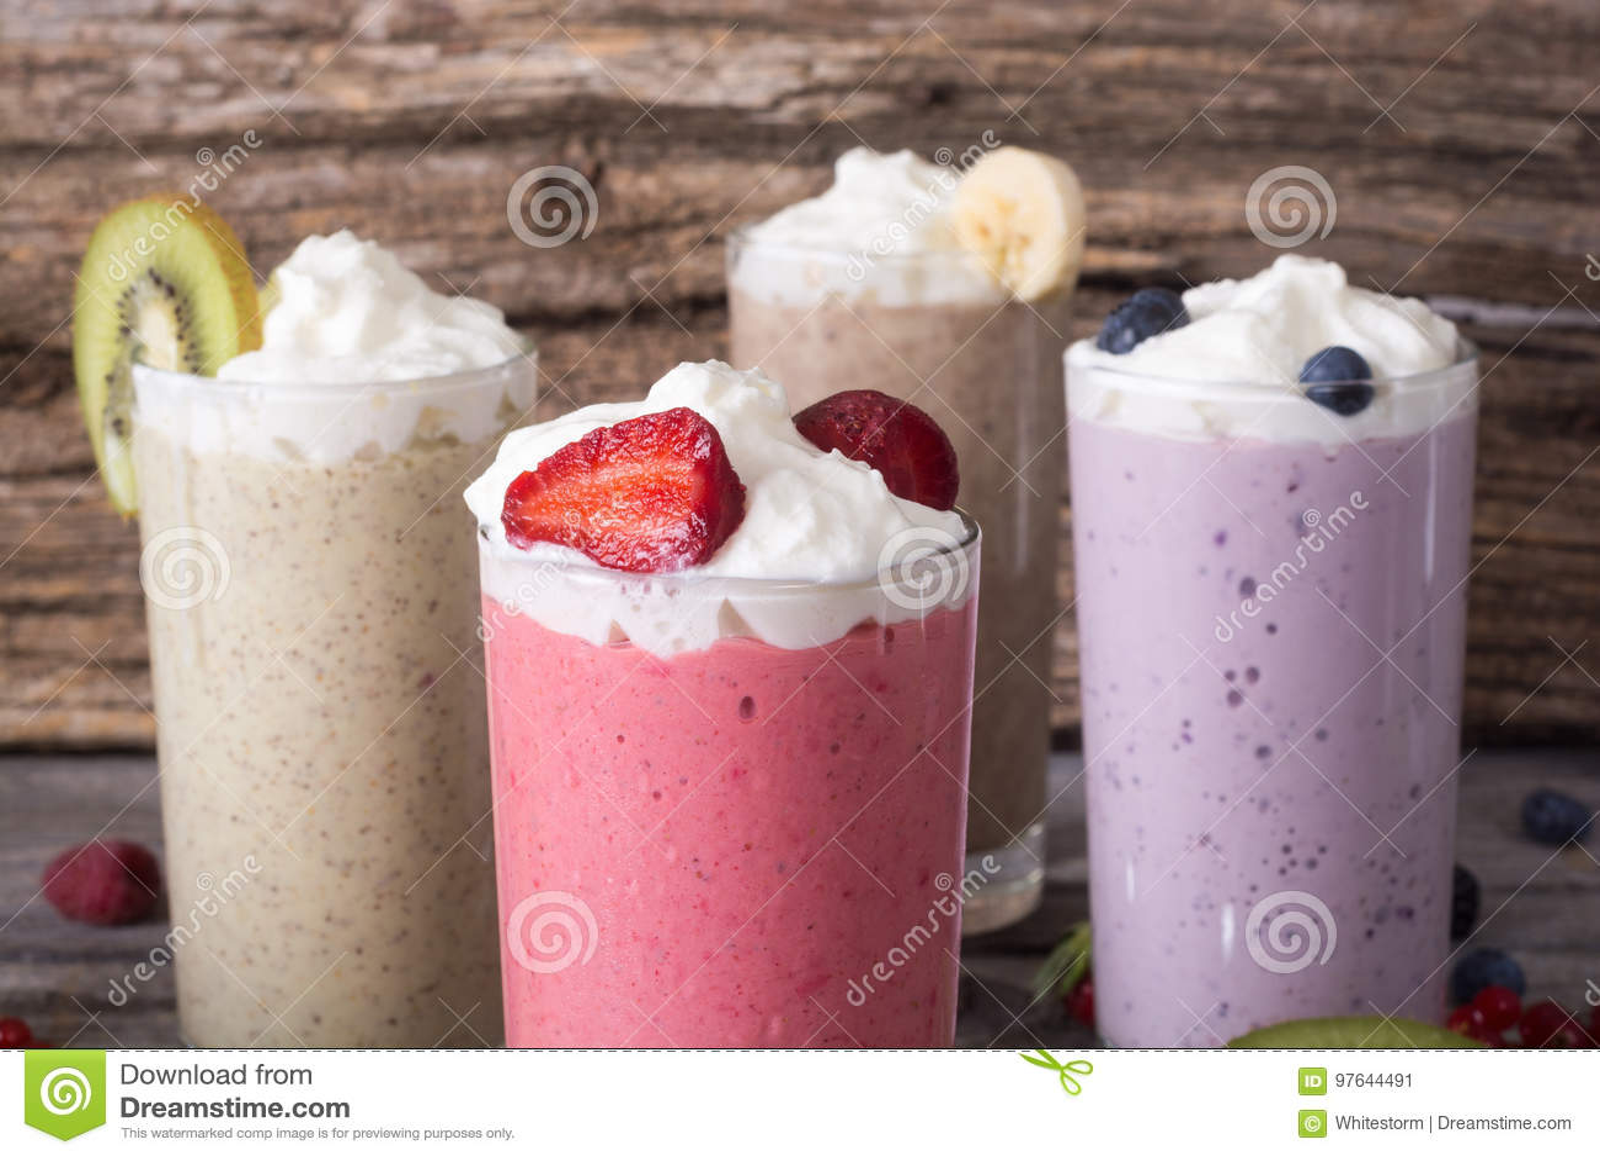 Milkshake met bessen